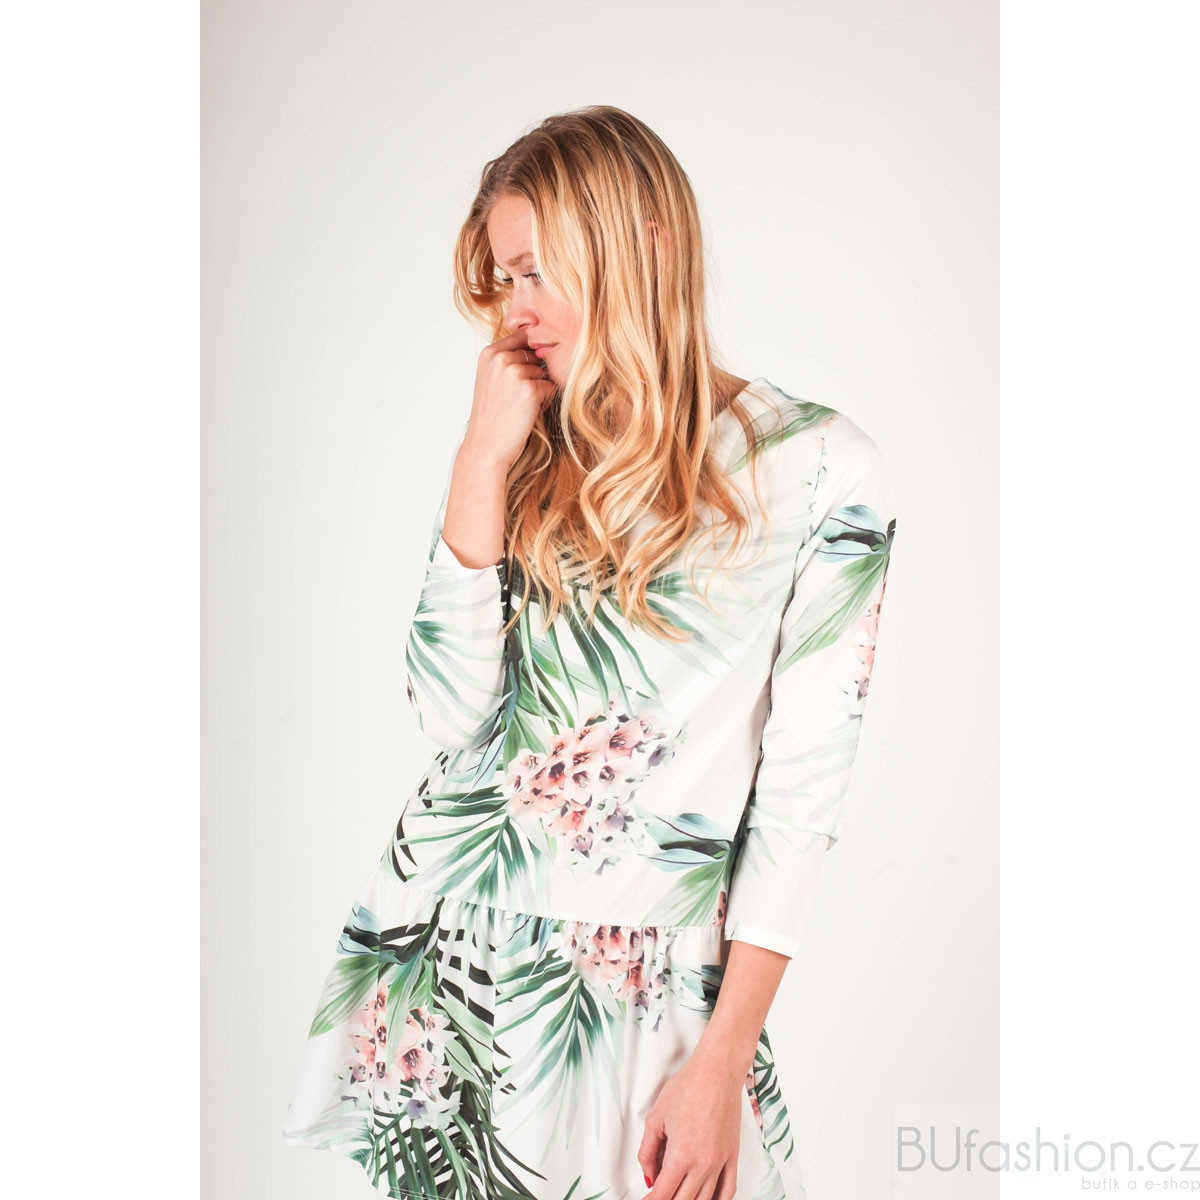 Saténové šaty se vzory palmových listů 0835503f6a